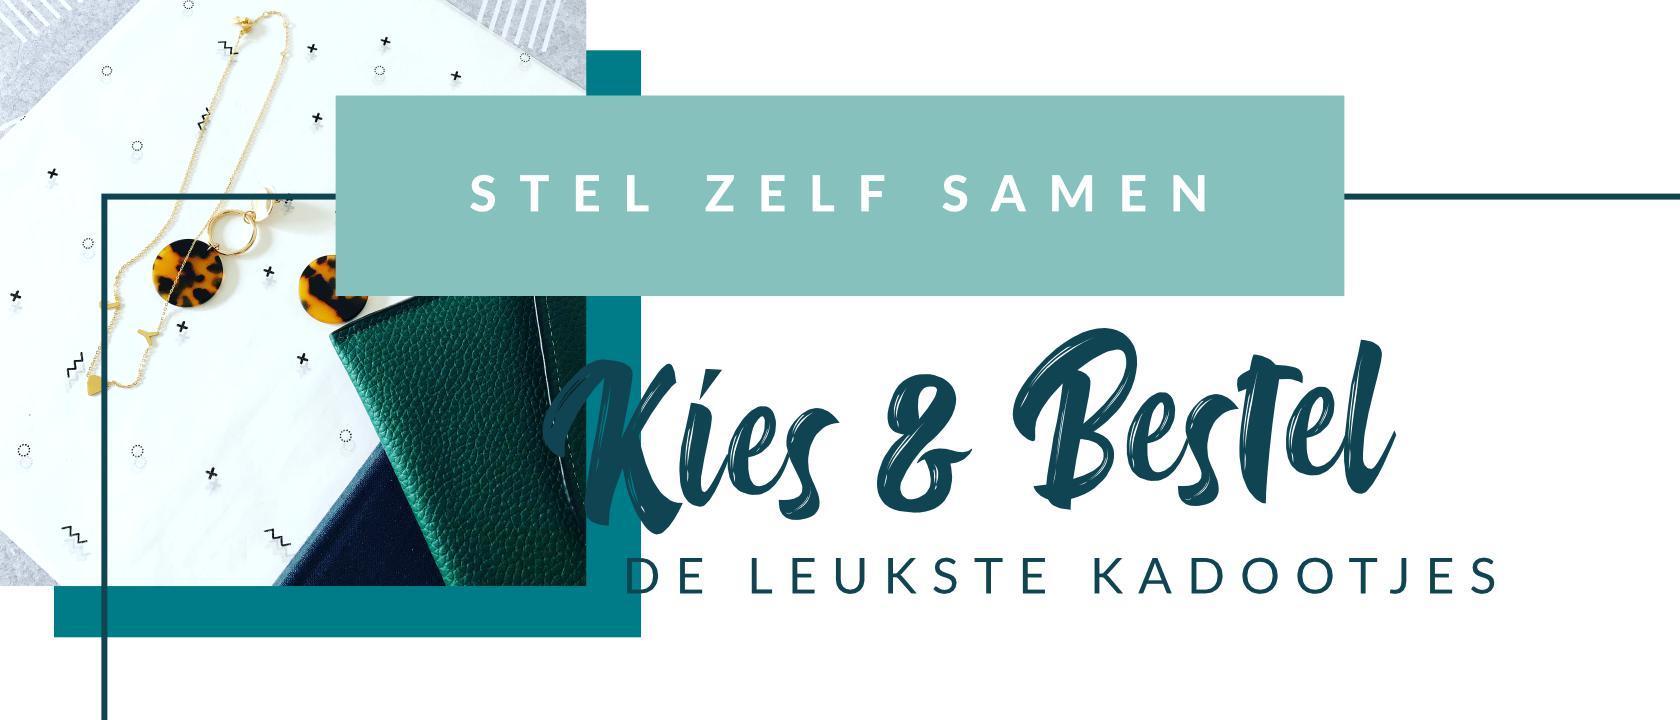 KP2019 STEL ZELF SAMEN - KIES & BESTEL